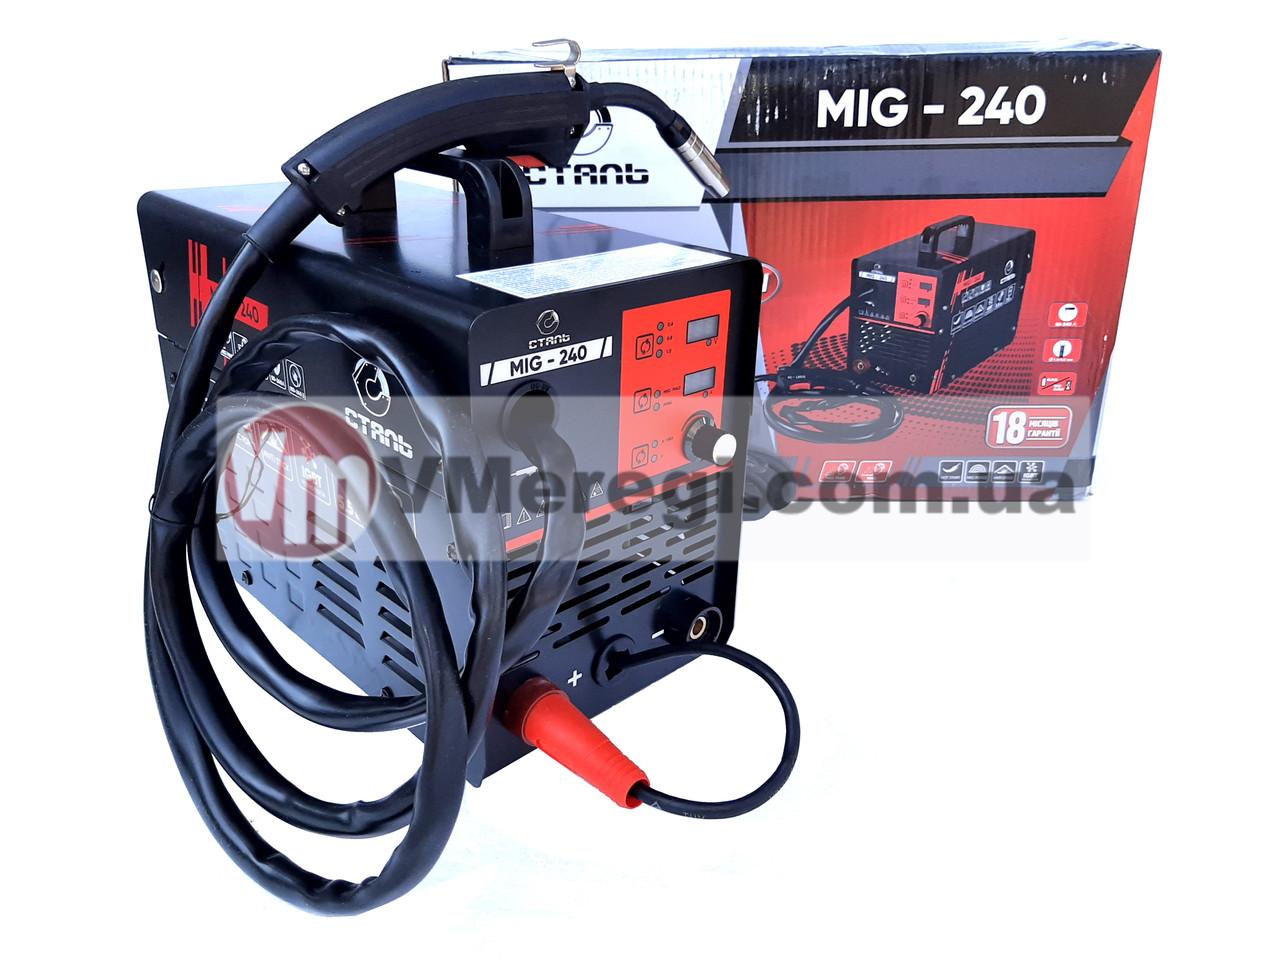 Сварочный полуавтомат инверторный Сталь MIG-240 (MIG / MAG / MMA)